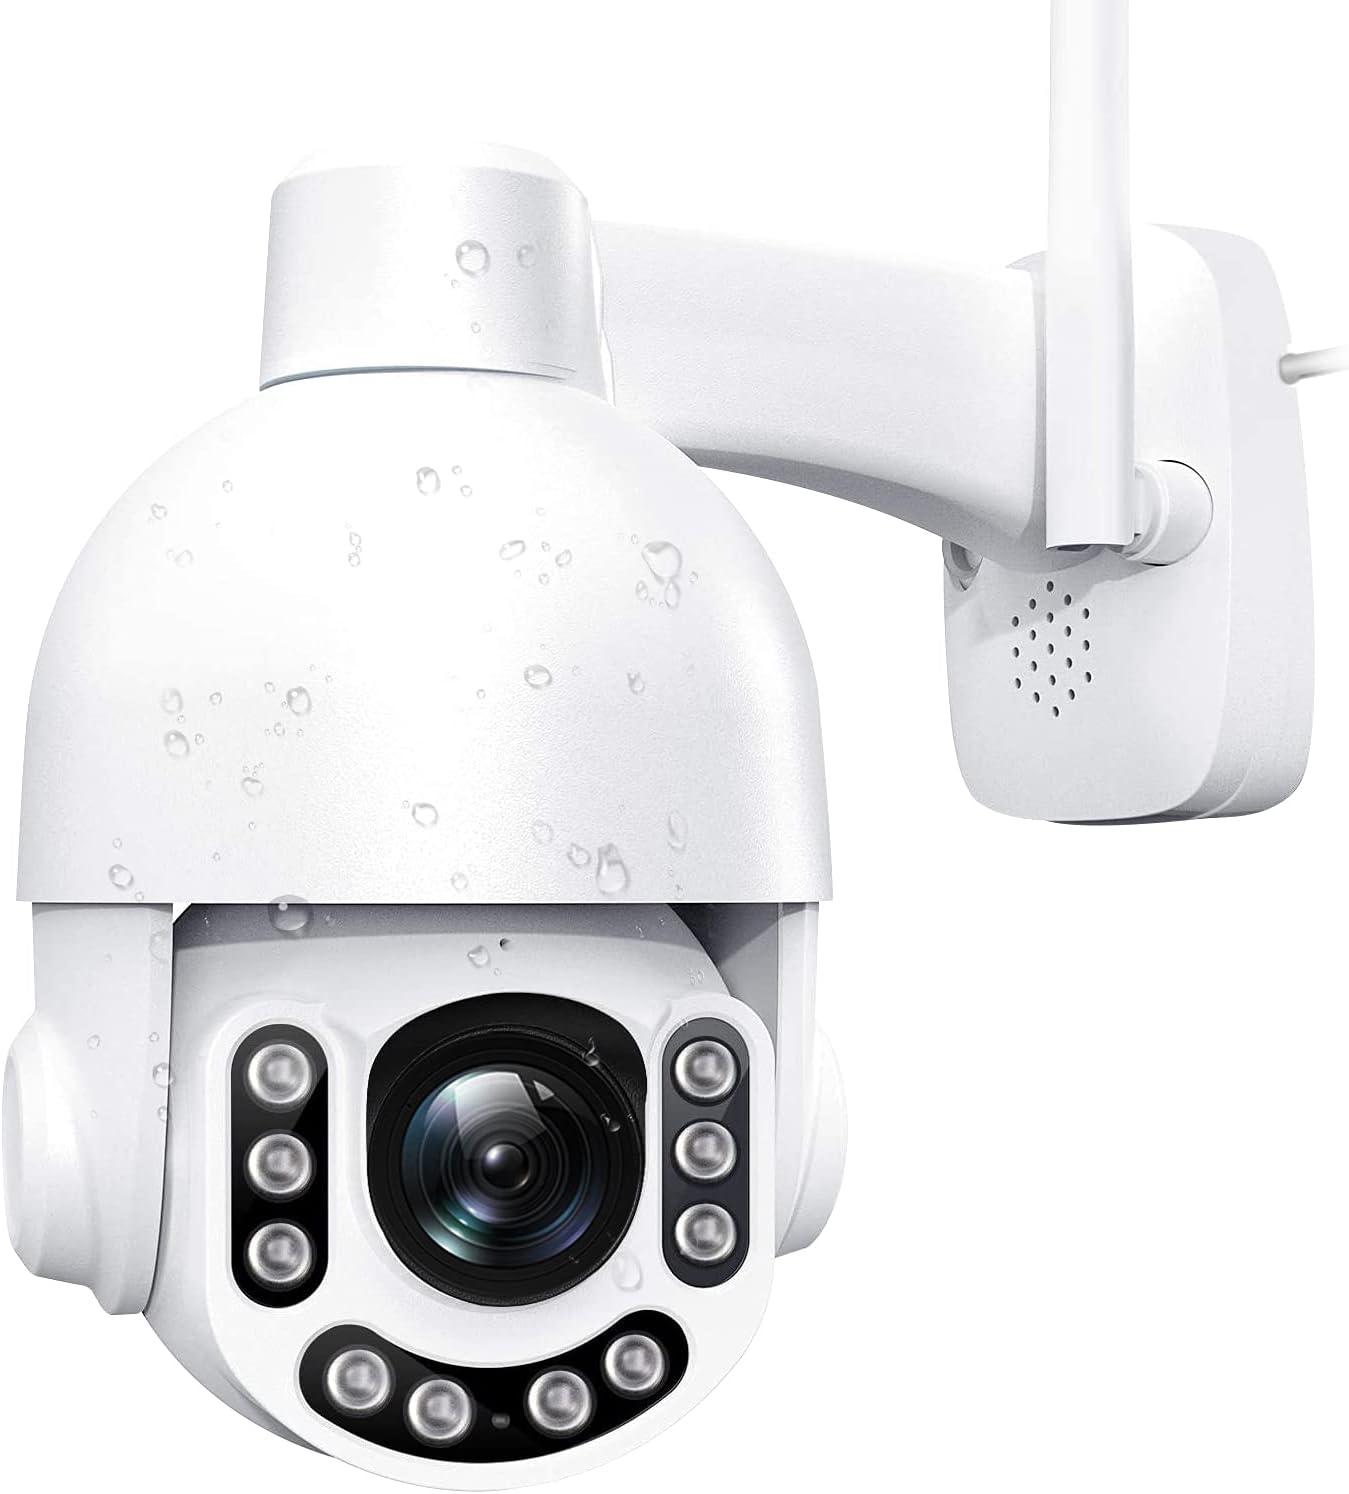 Netvue Cámara Vigilancia WiFi Exterior 2K 3MP & Vista de 360° Cámara IP Exterior Detección de Movimiento & Visión Nocturna,Camara Vigilancia Exterior Zoom 8X & Audio Bidireccional,